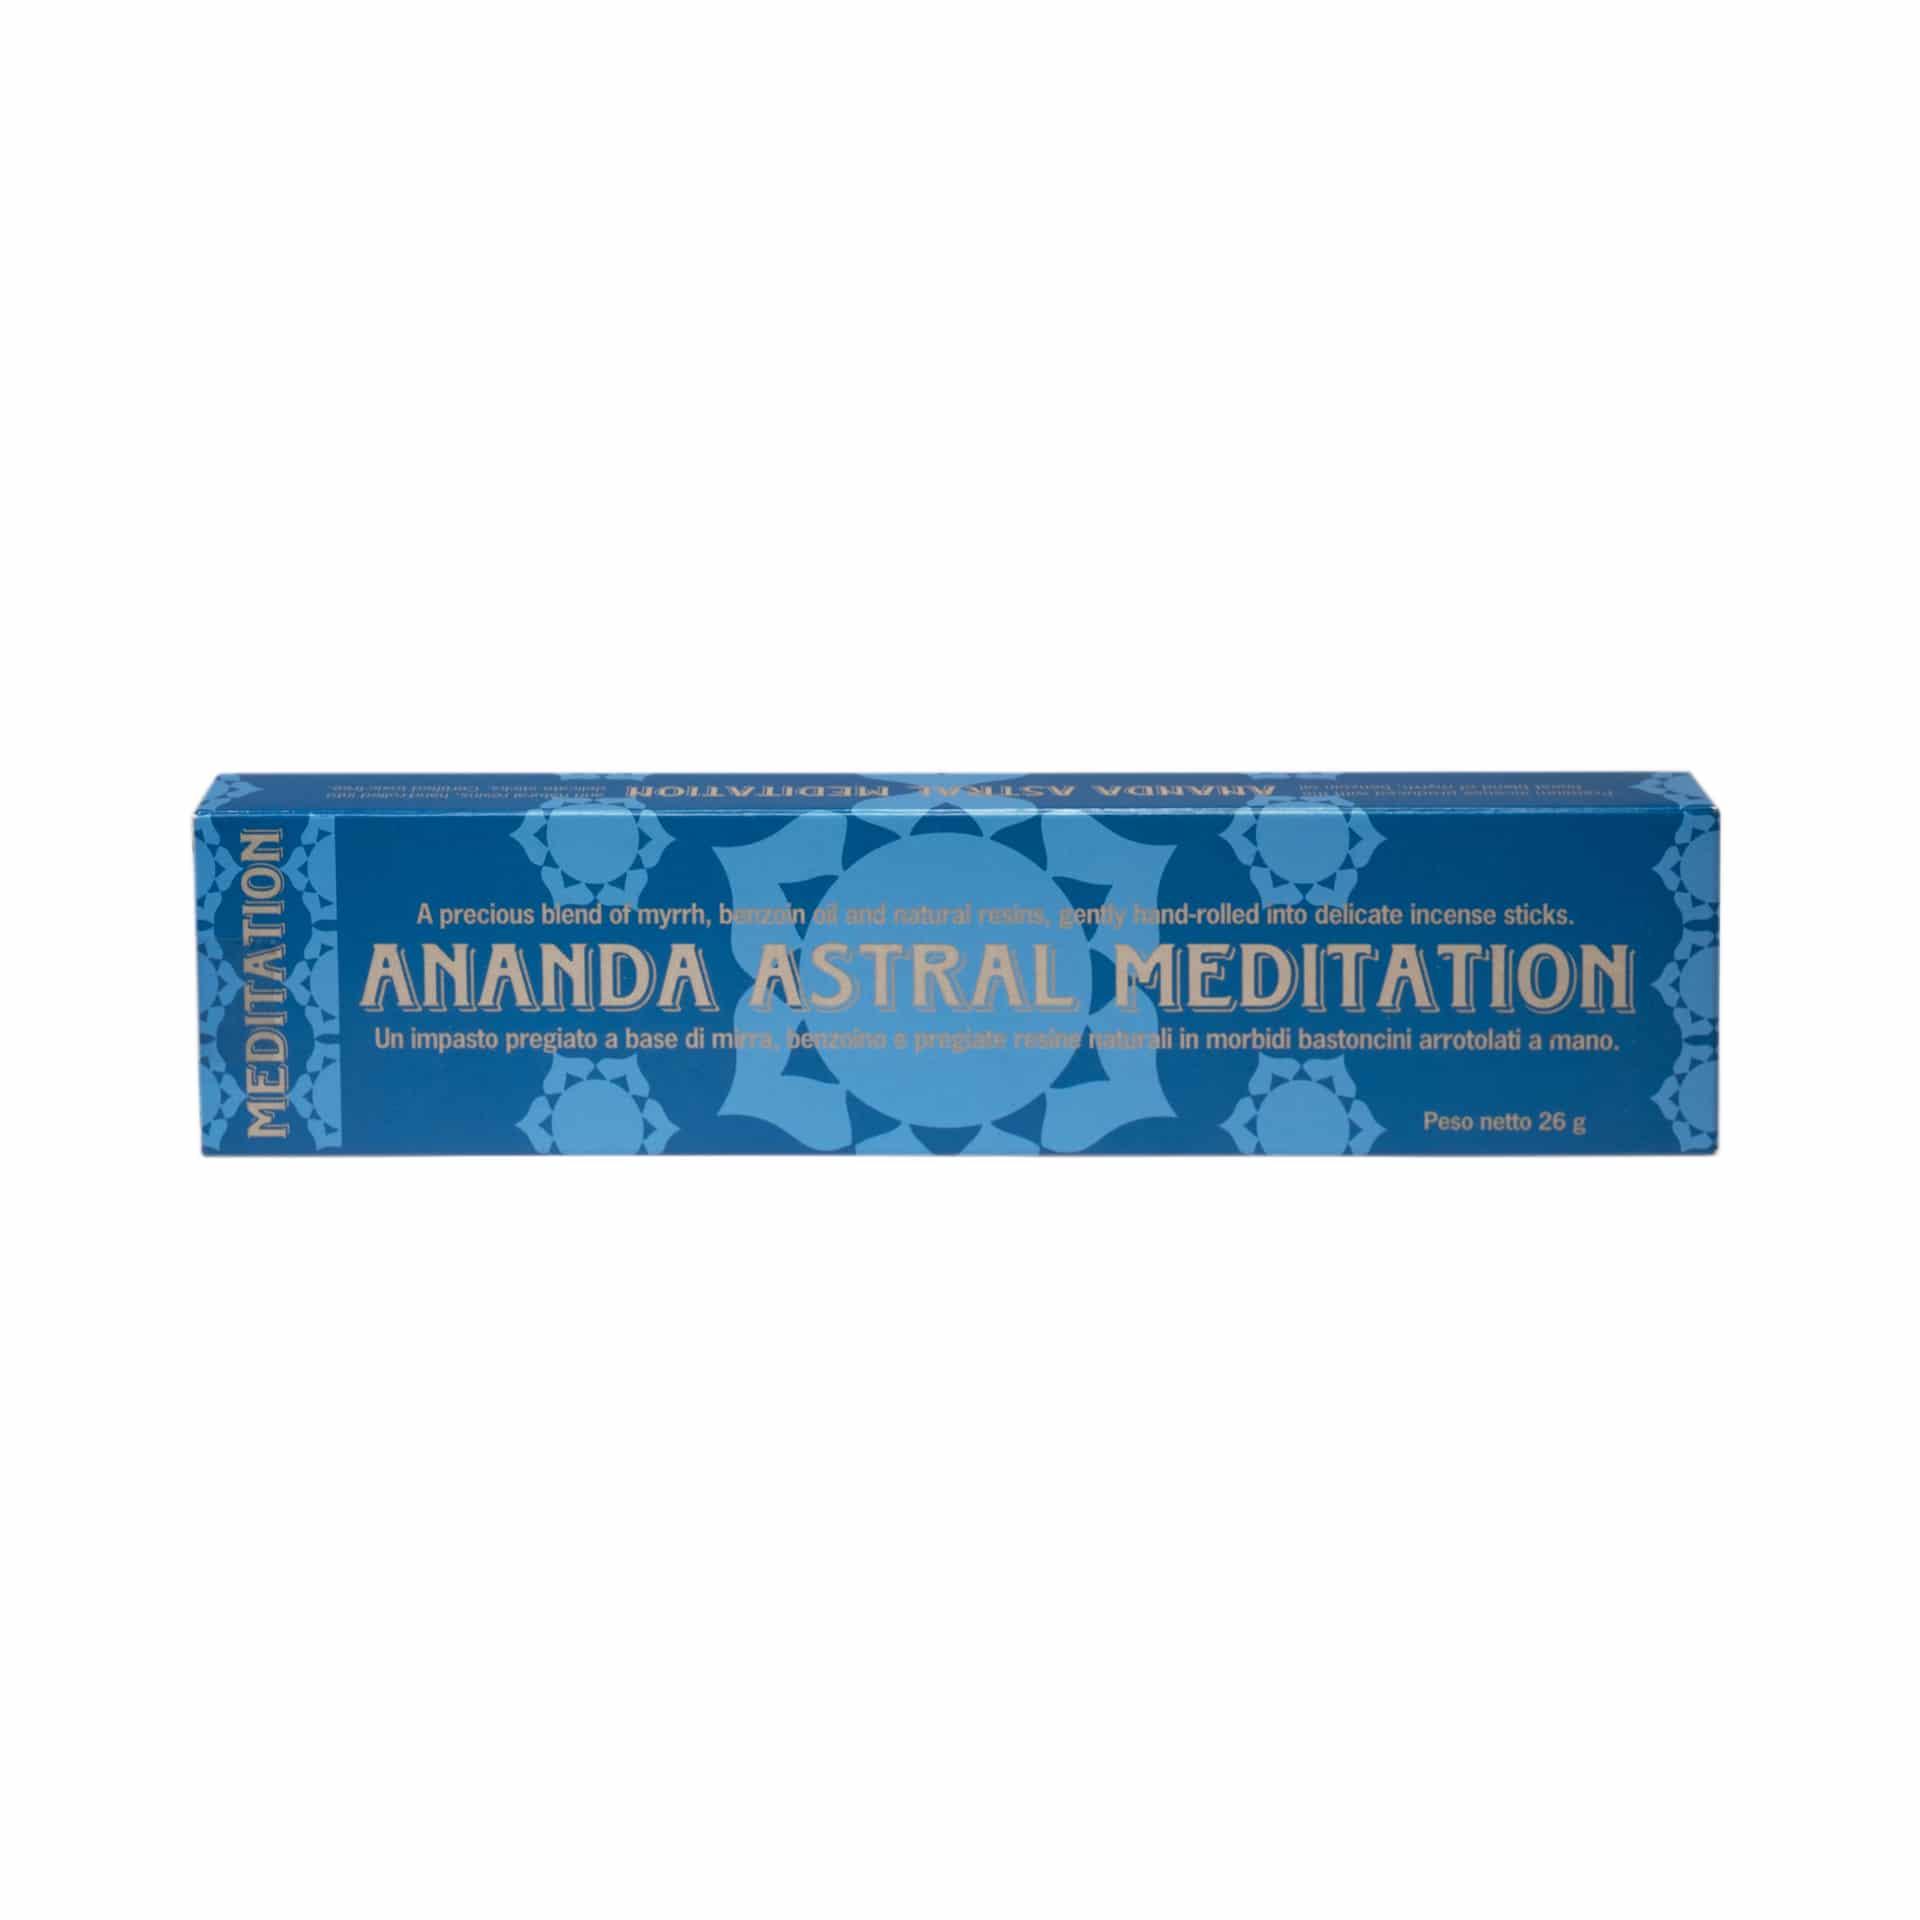 ananda-astral-meditation